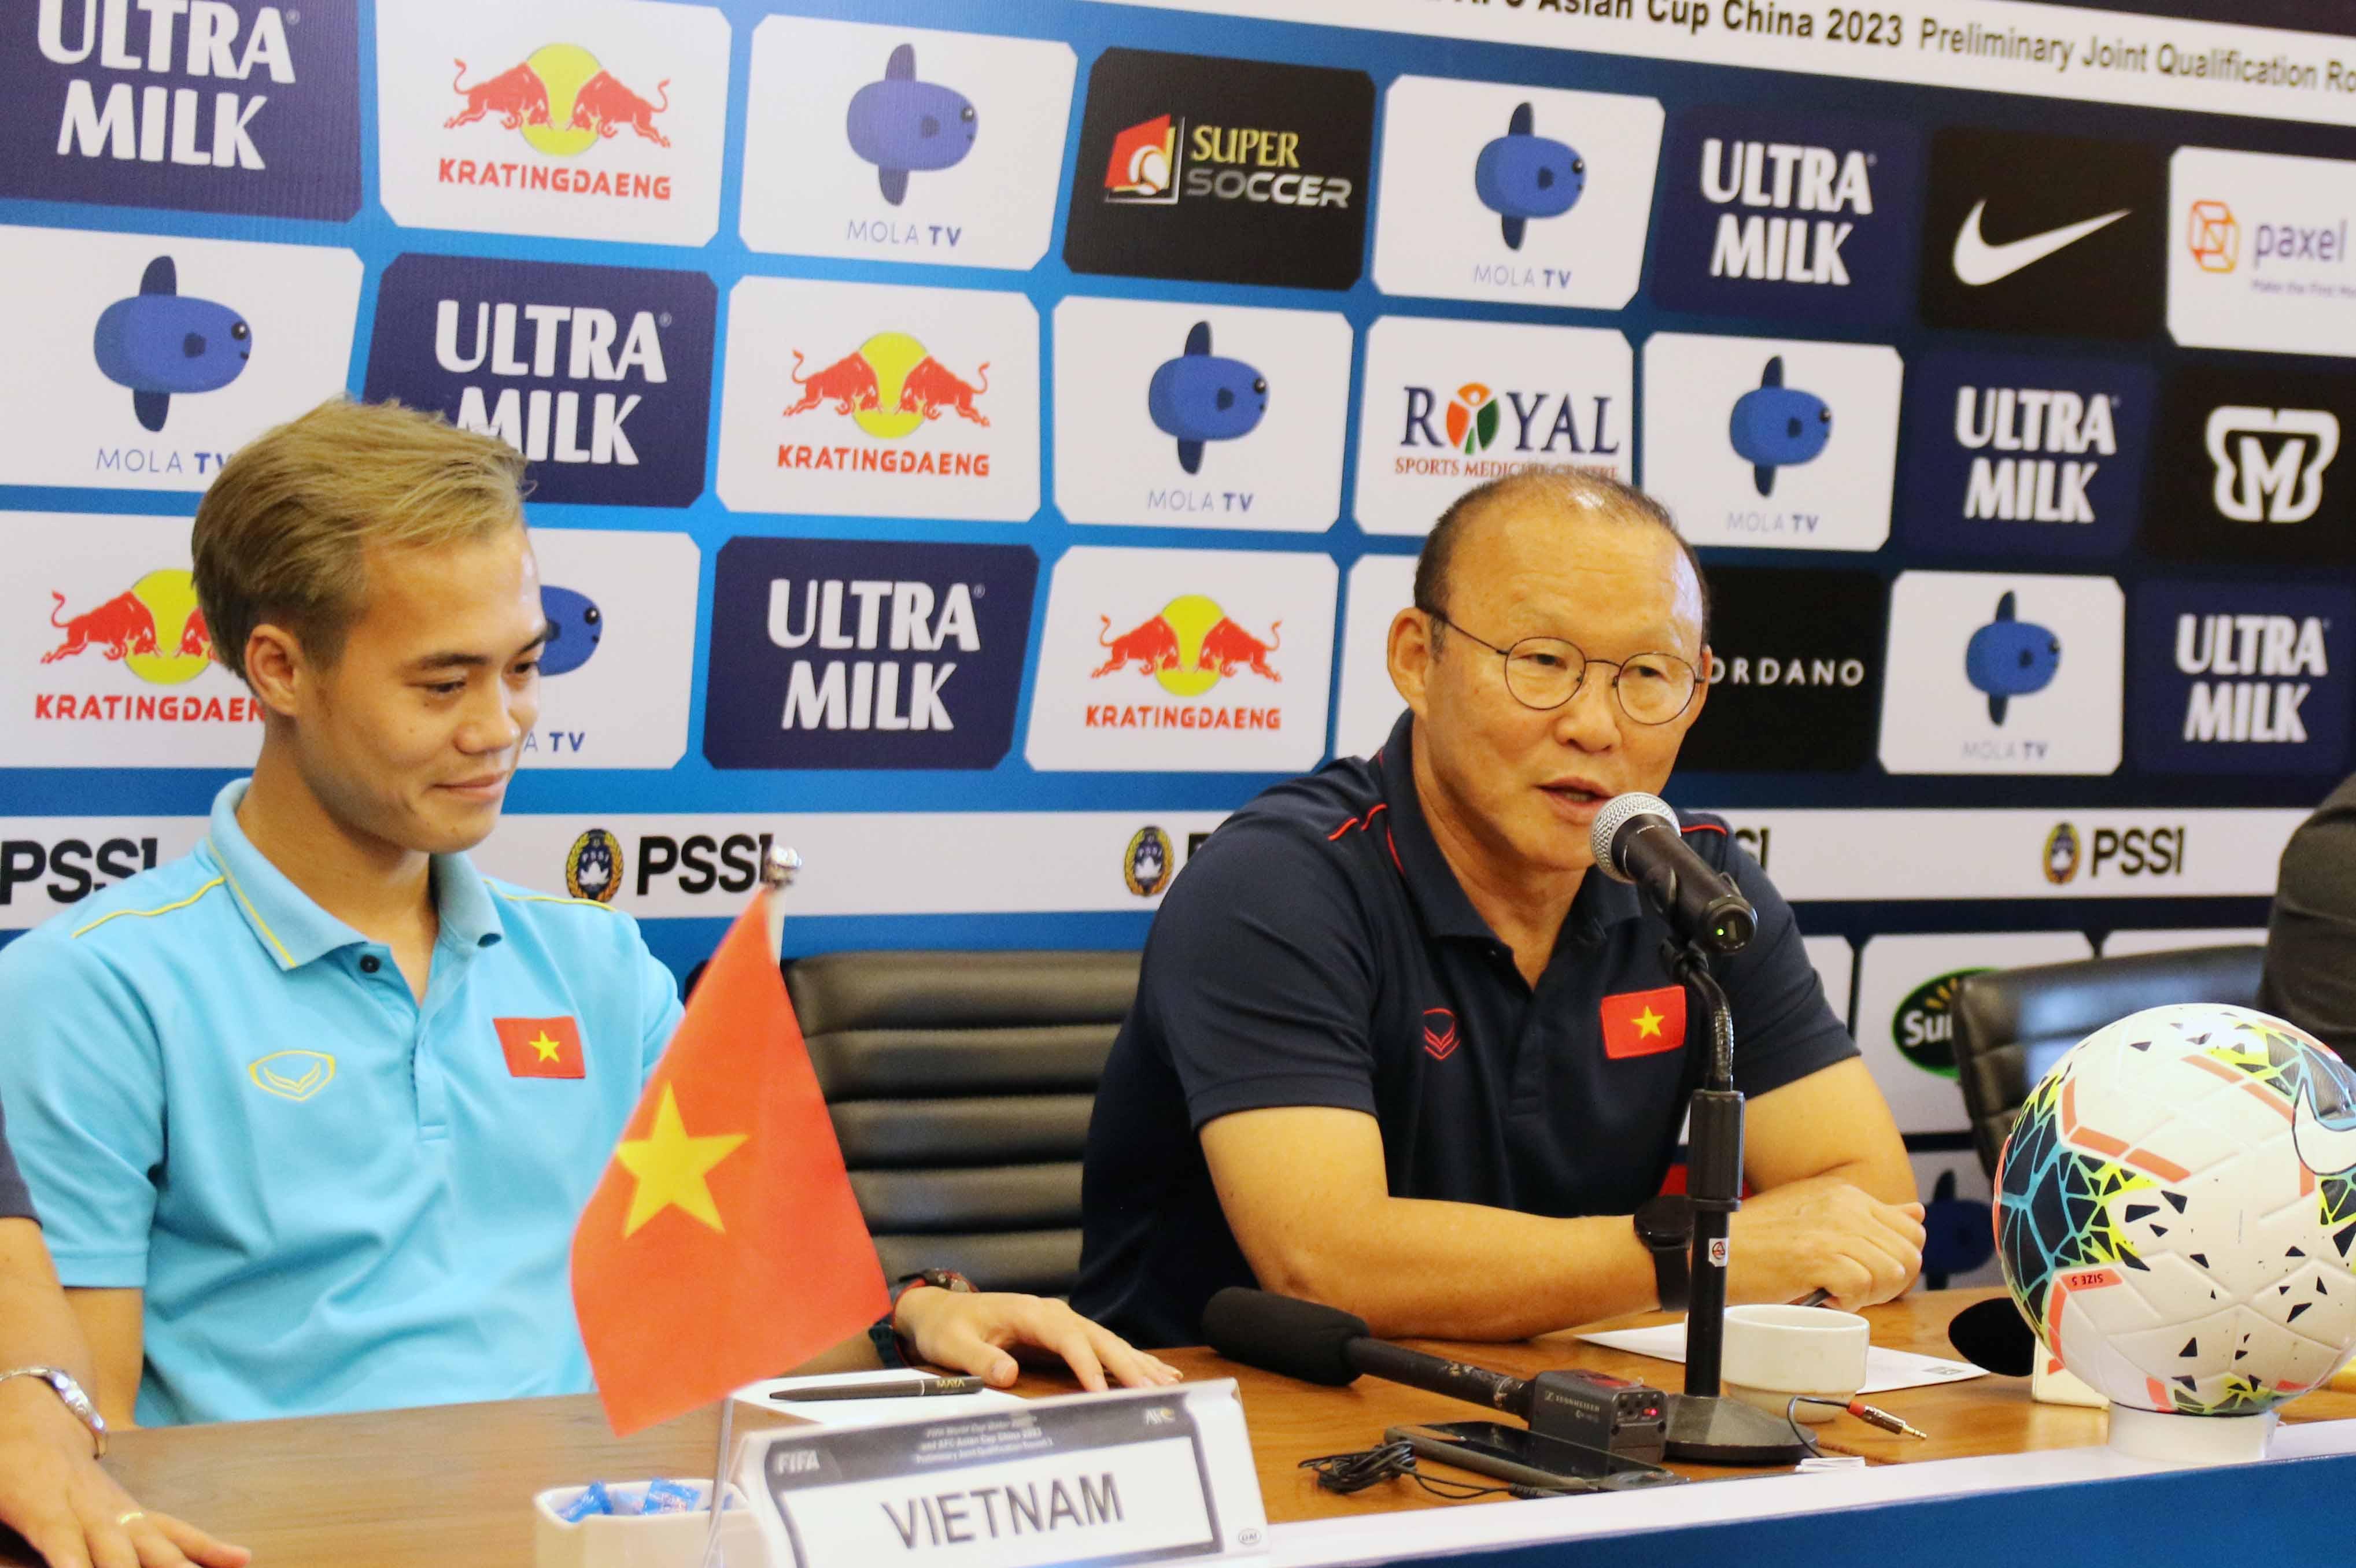 """HLV Park Hang-seo: """"Sự chuẩn bị của ĐT Việt Nam là sự chuẩn bị cho mục tiêu chiến thắng"""""""